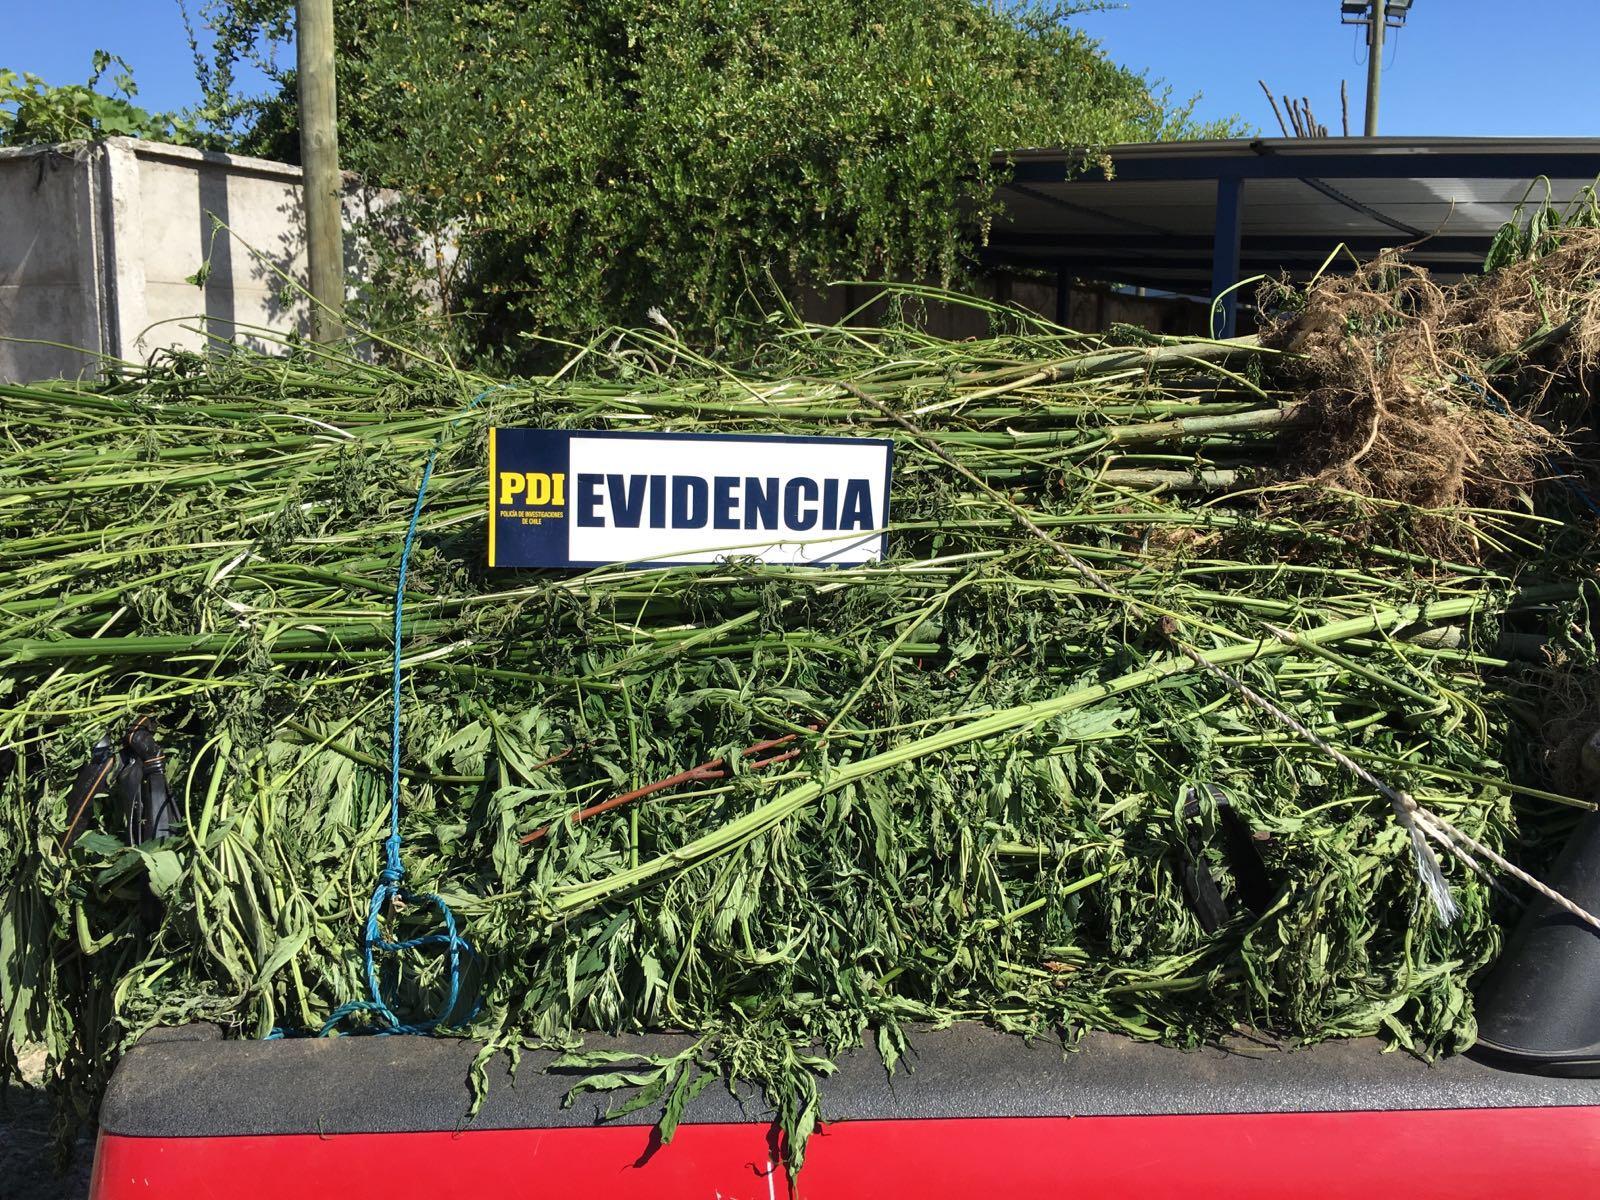 PDI incautó más de 7 mil plantas y 18 kilos de marihuana en el Maule